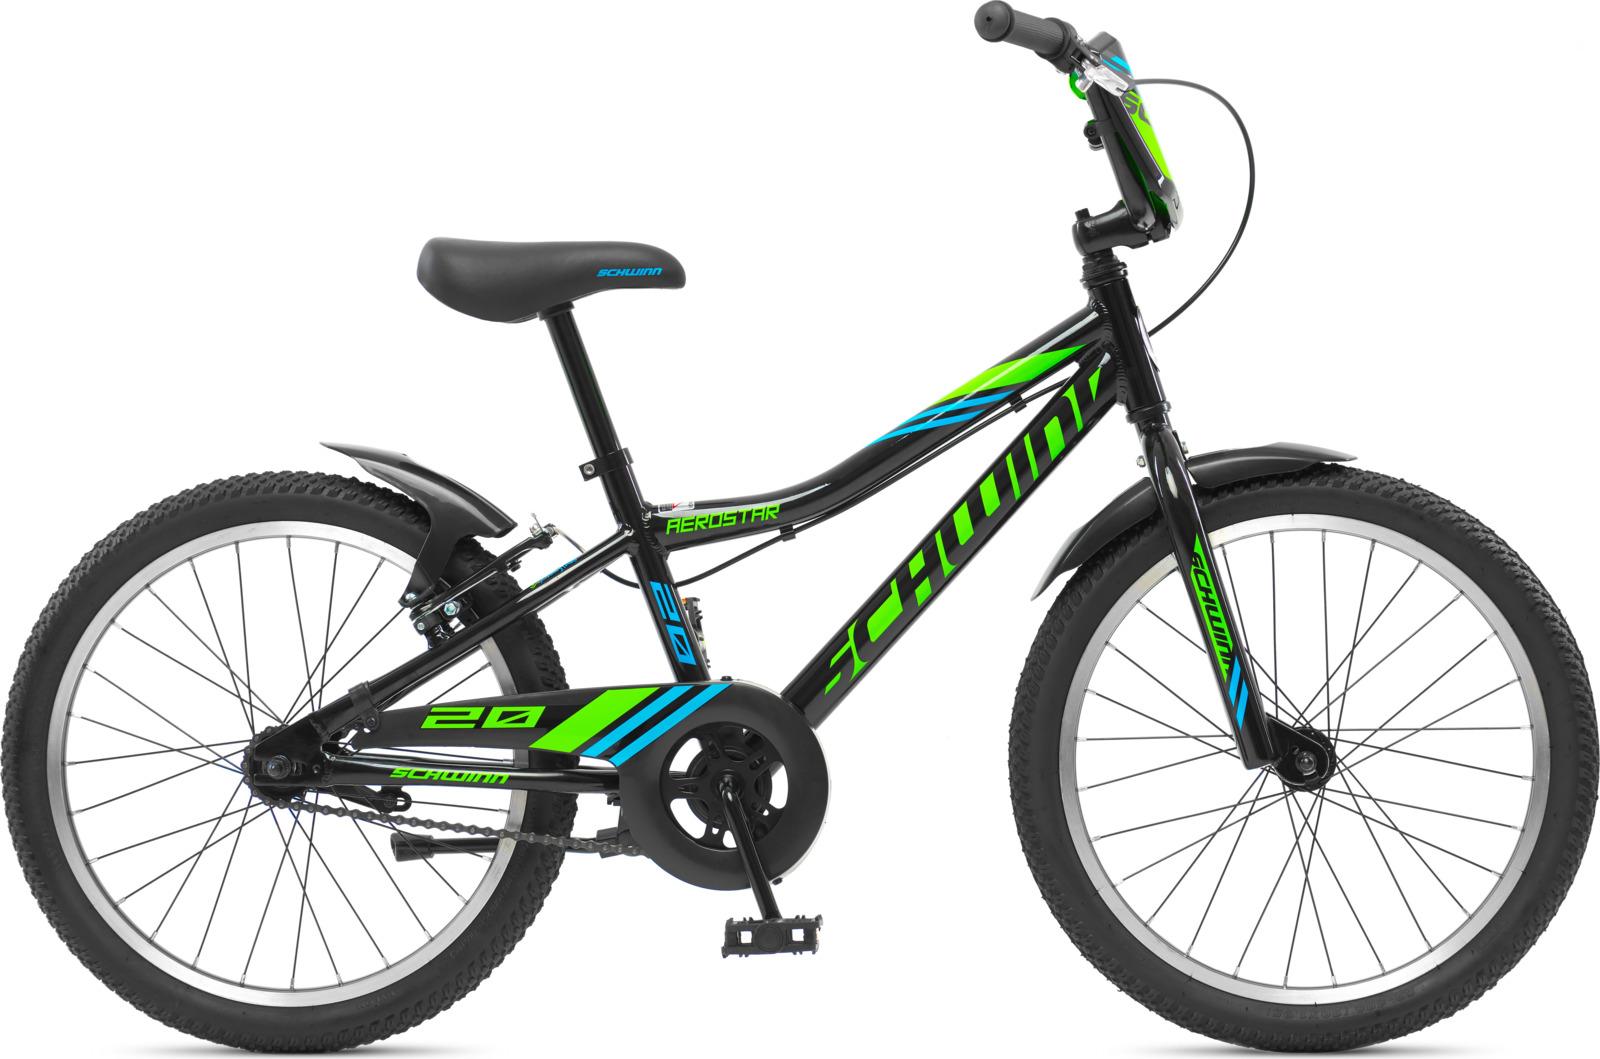 Велосипед детский Schwinn Aerostar, колесо 20, черный